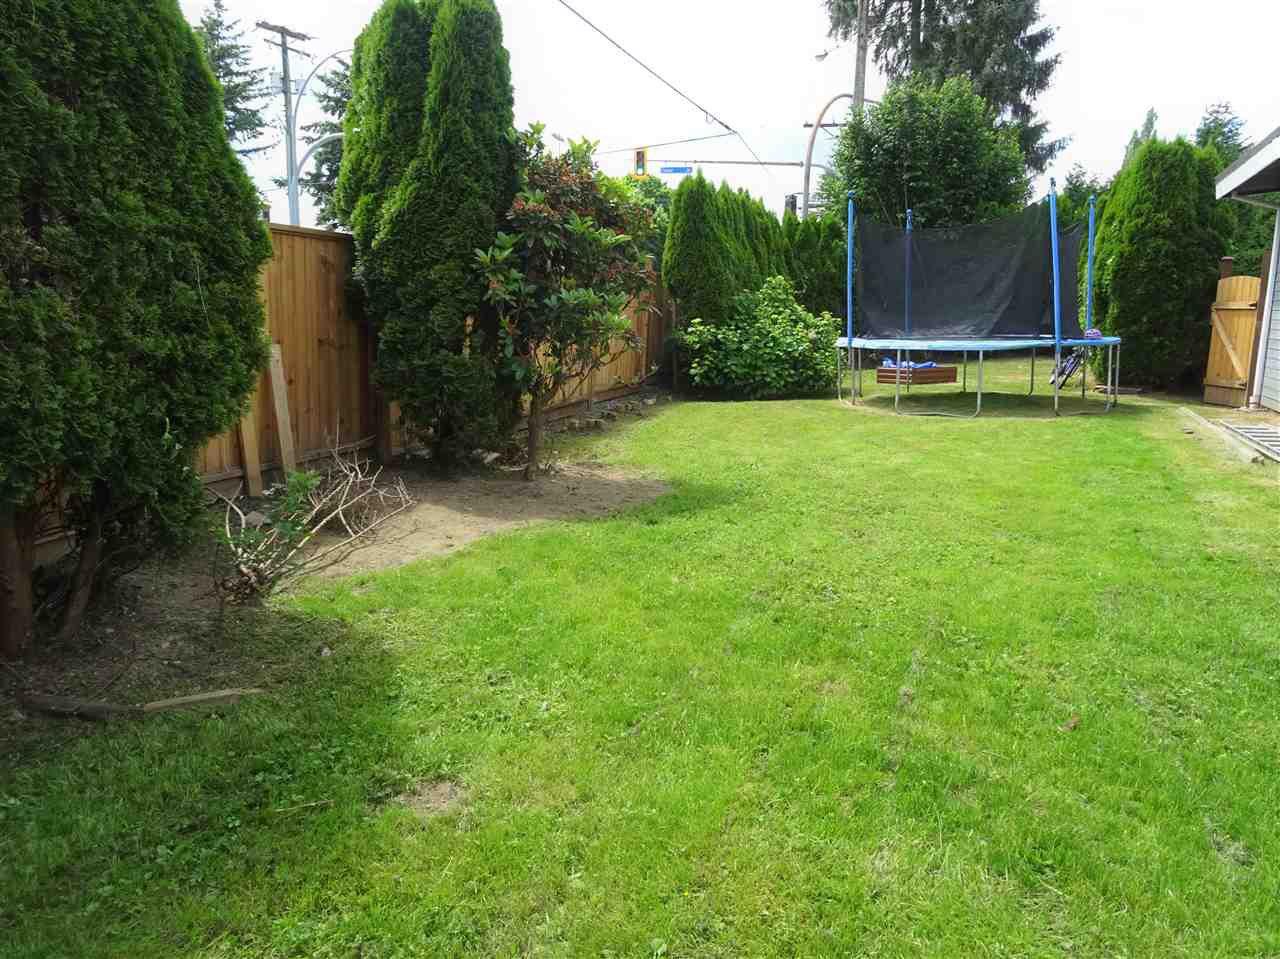 Main Photo: 3220 CEDAR Drive in Port Coquitlam: Lincoln Park PQ House 1/2 Duplex for sale : MLS®# R2466231